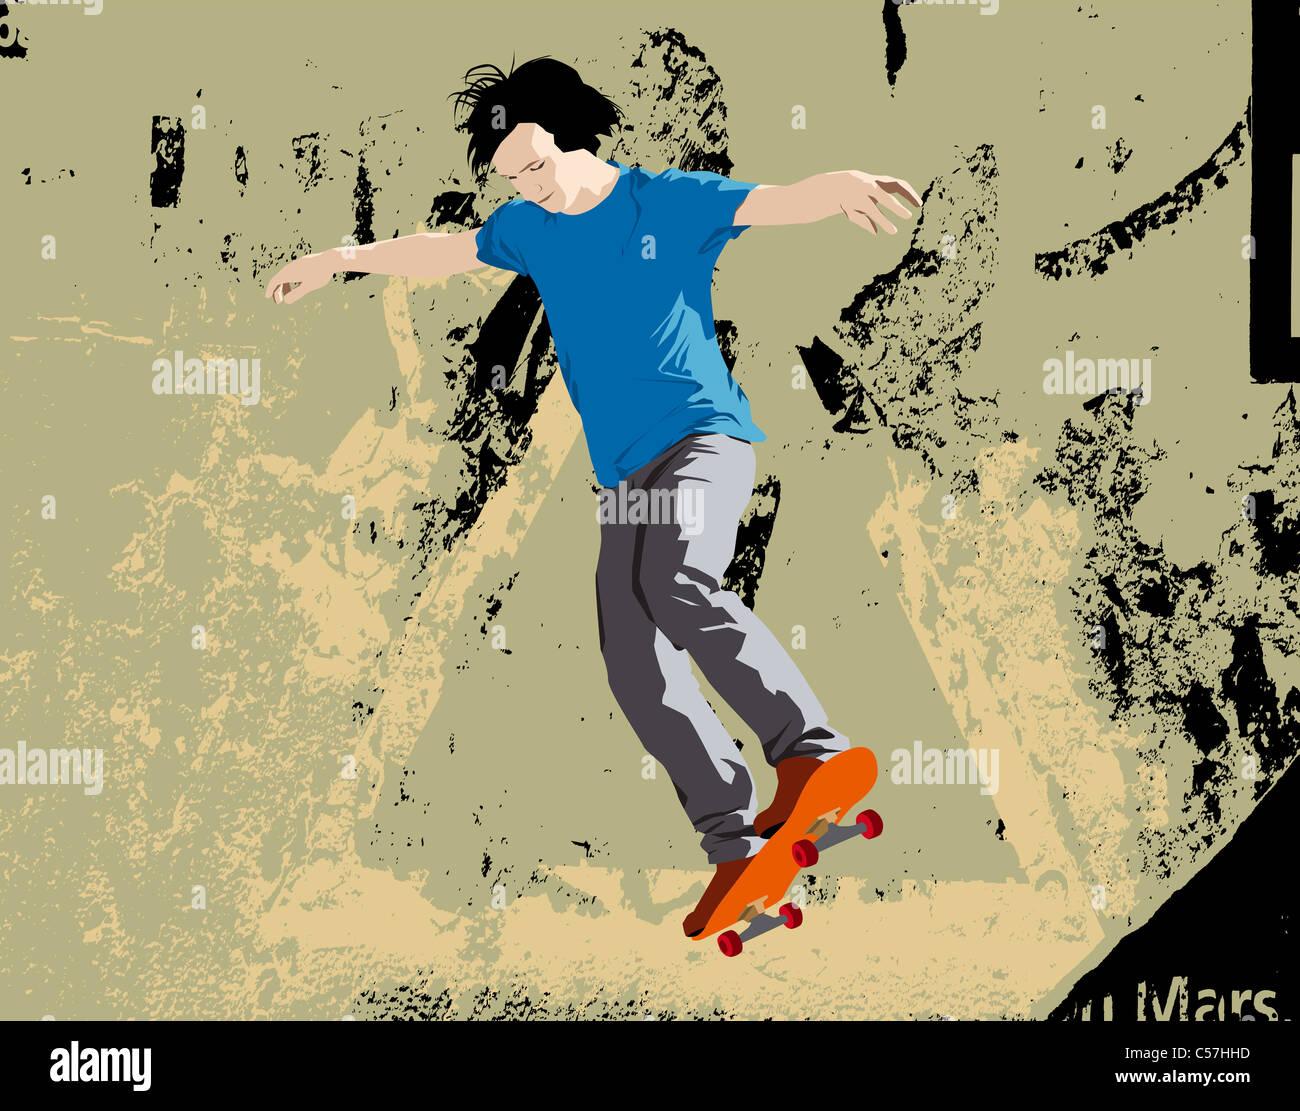 Jeune skateur professionnel de saut. Vector illustration avec grunge background. Photo Stock